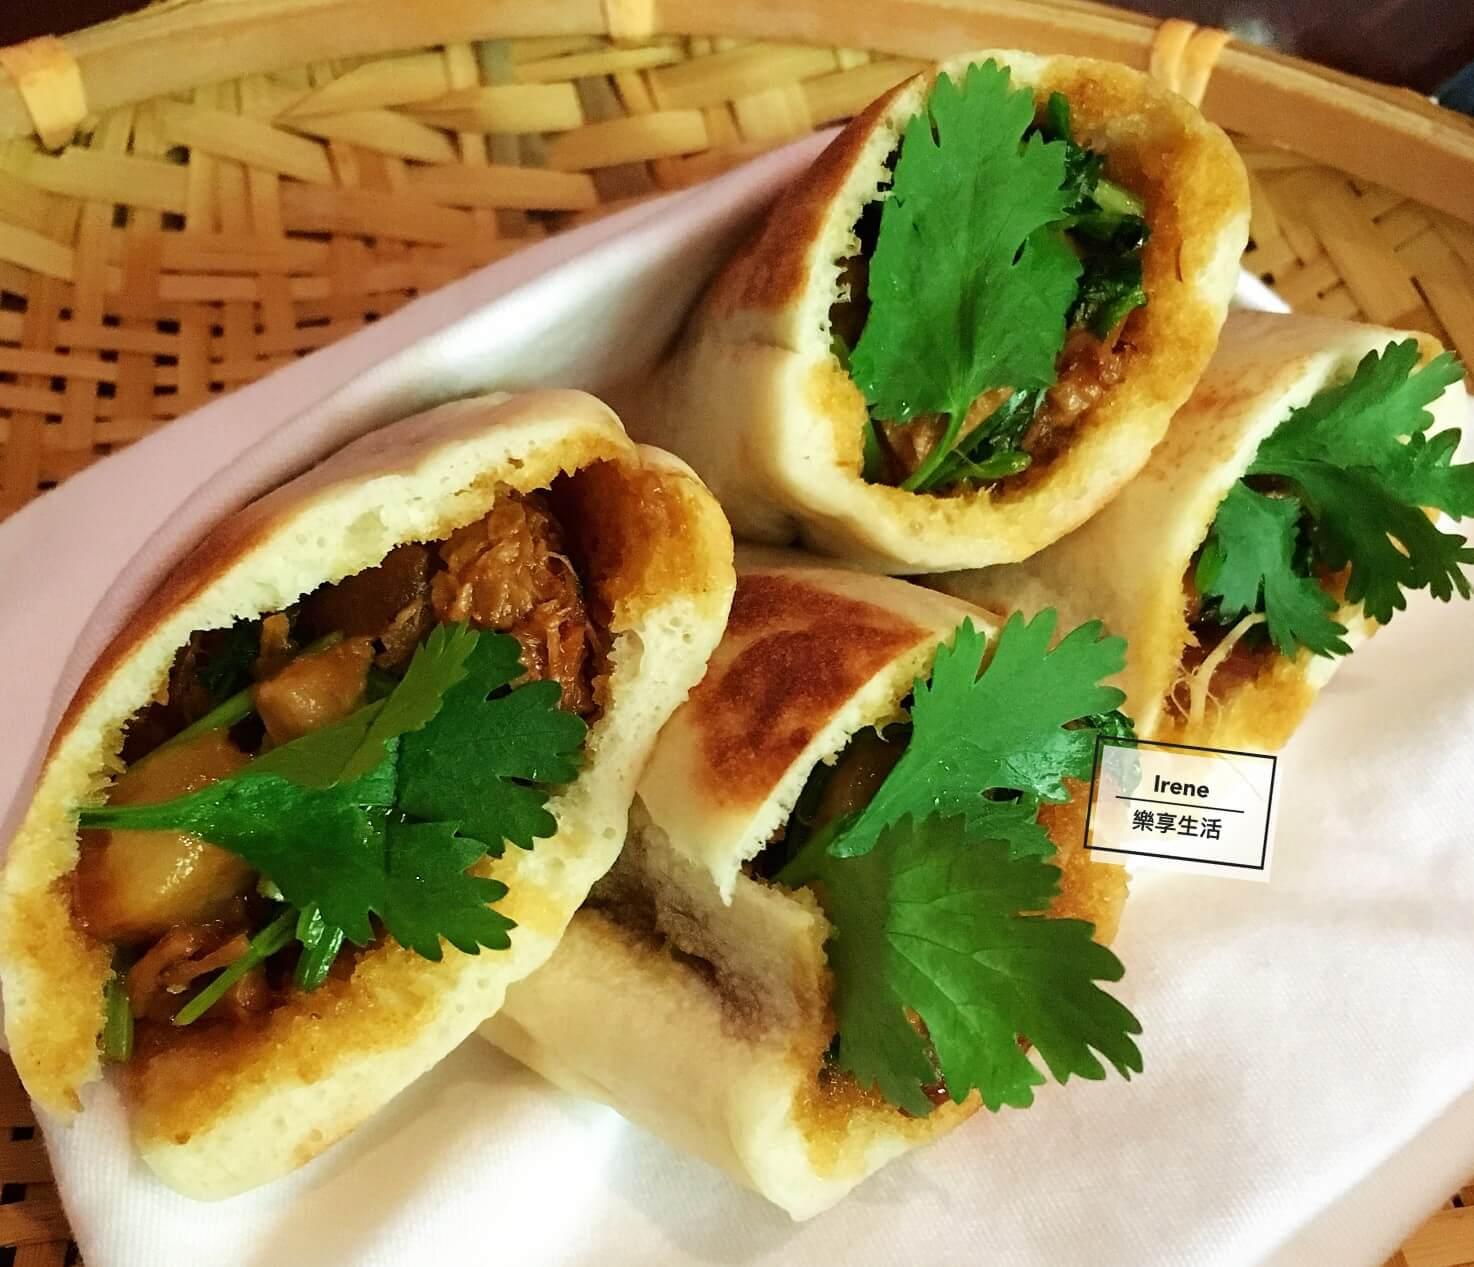 上海花馬天堂絲綢之路餐廳/唐味胡餅